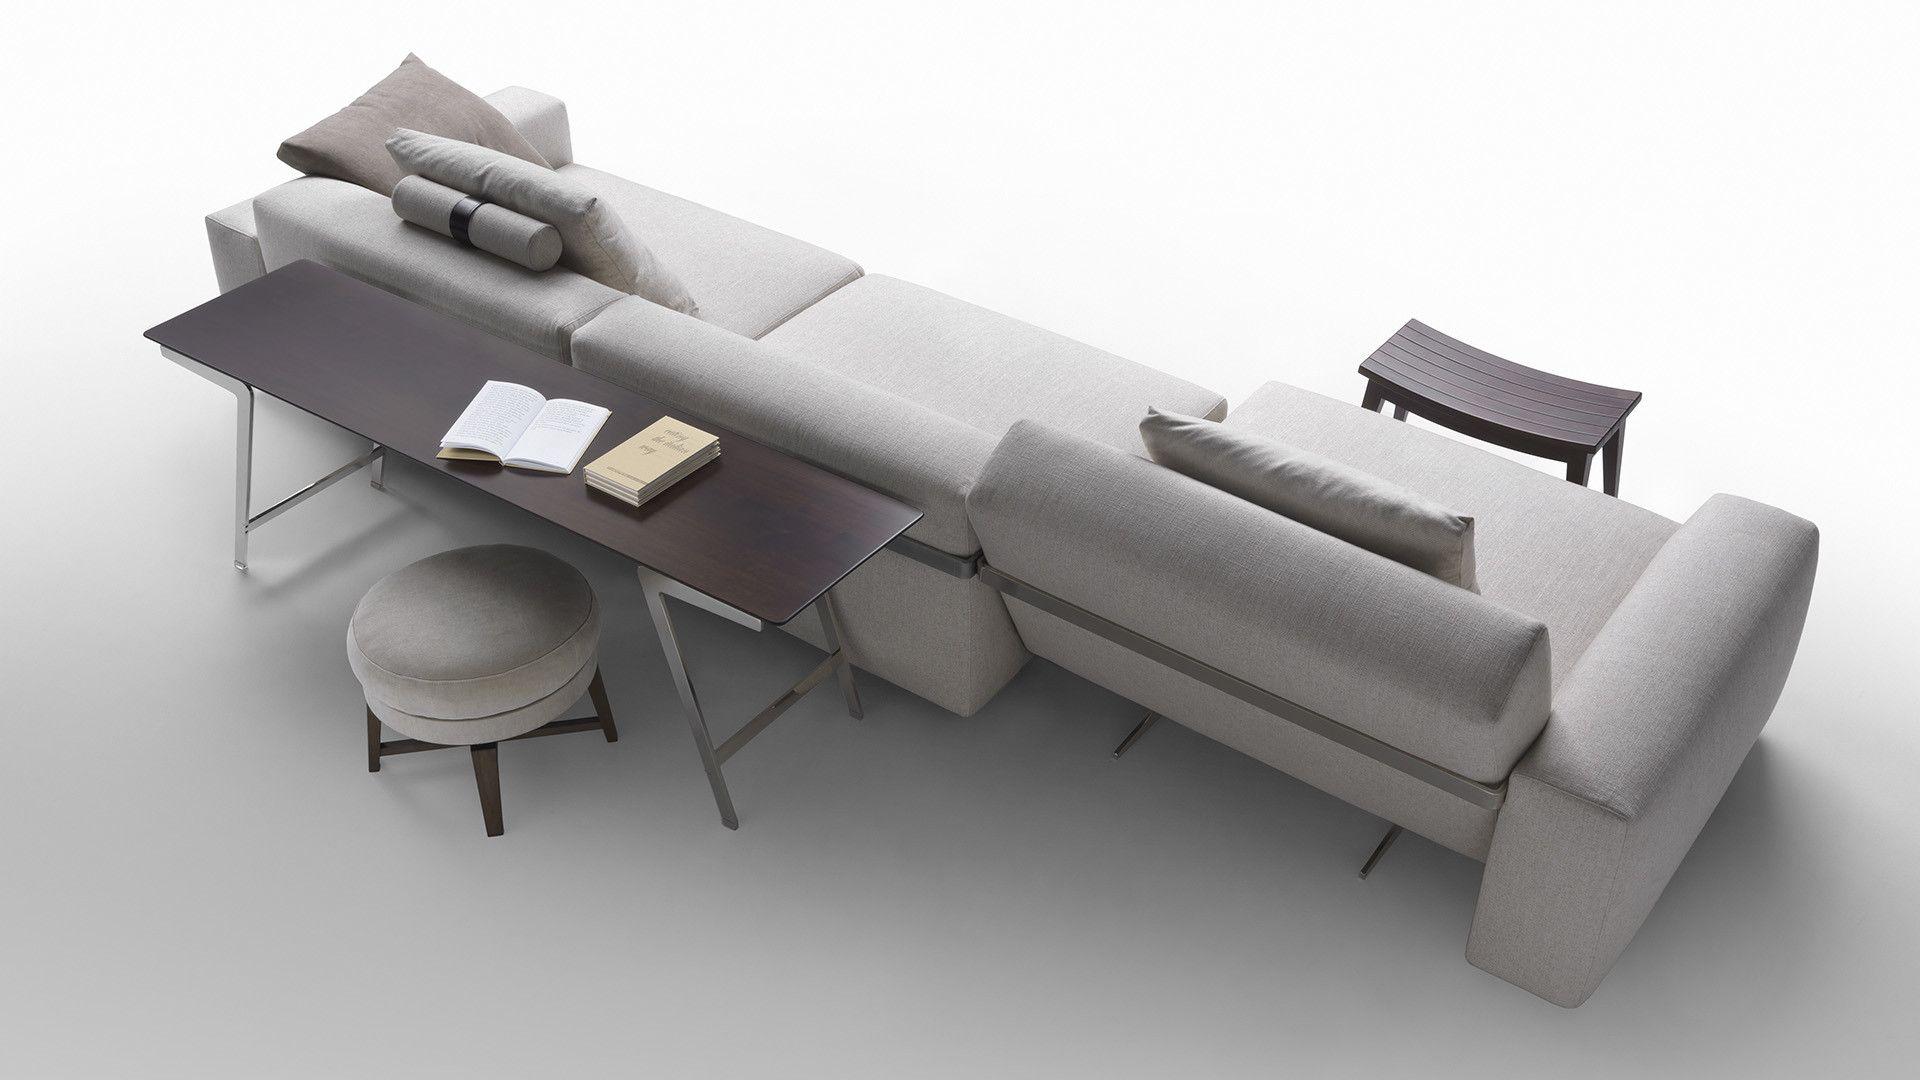 Lario 2016 divano a 4 posti collezione lario by flexform for Citterio arredamenti